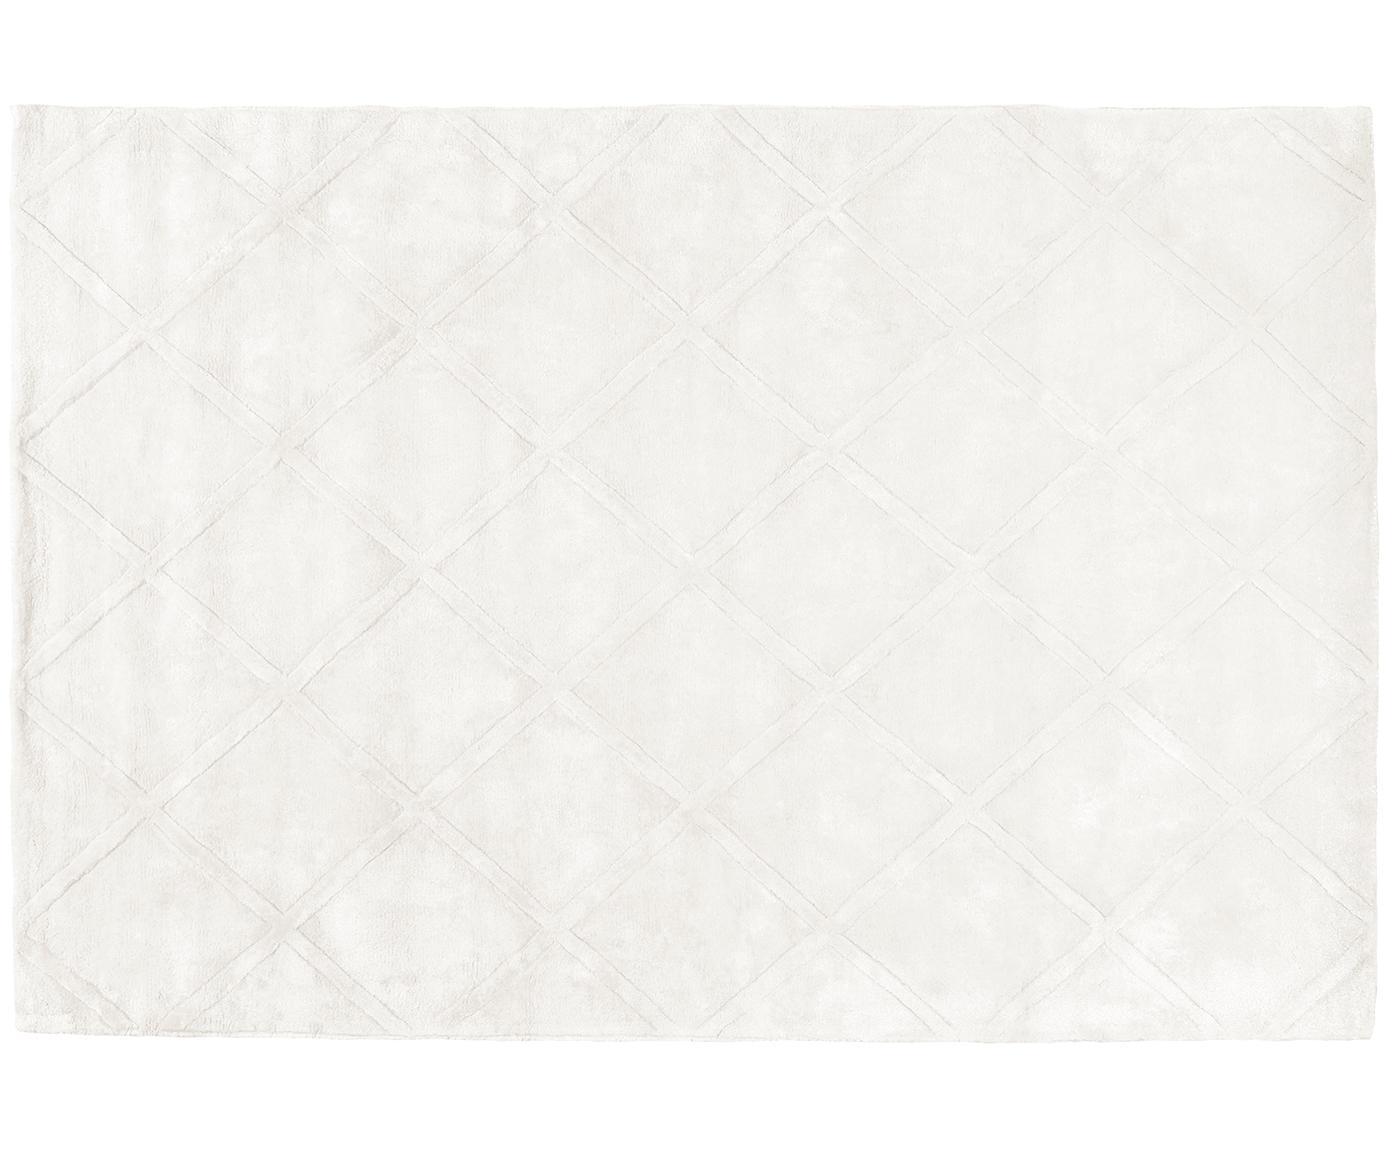 Handgetufteter Viskoseteppich Shiny in Creme mit Rautenmuster, Flor: 100% Viskose, Creme, B 120 x L 180 cm (Grösse S)